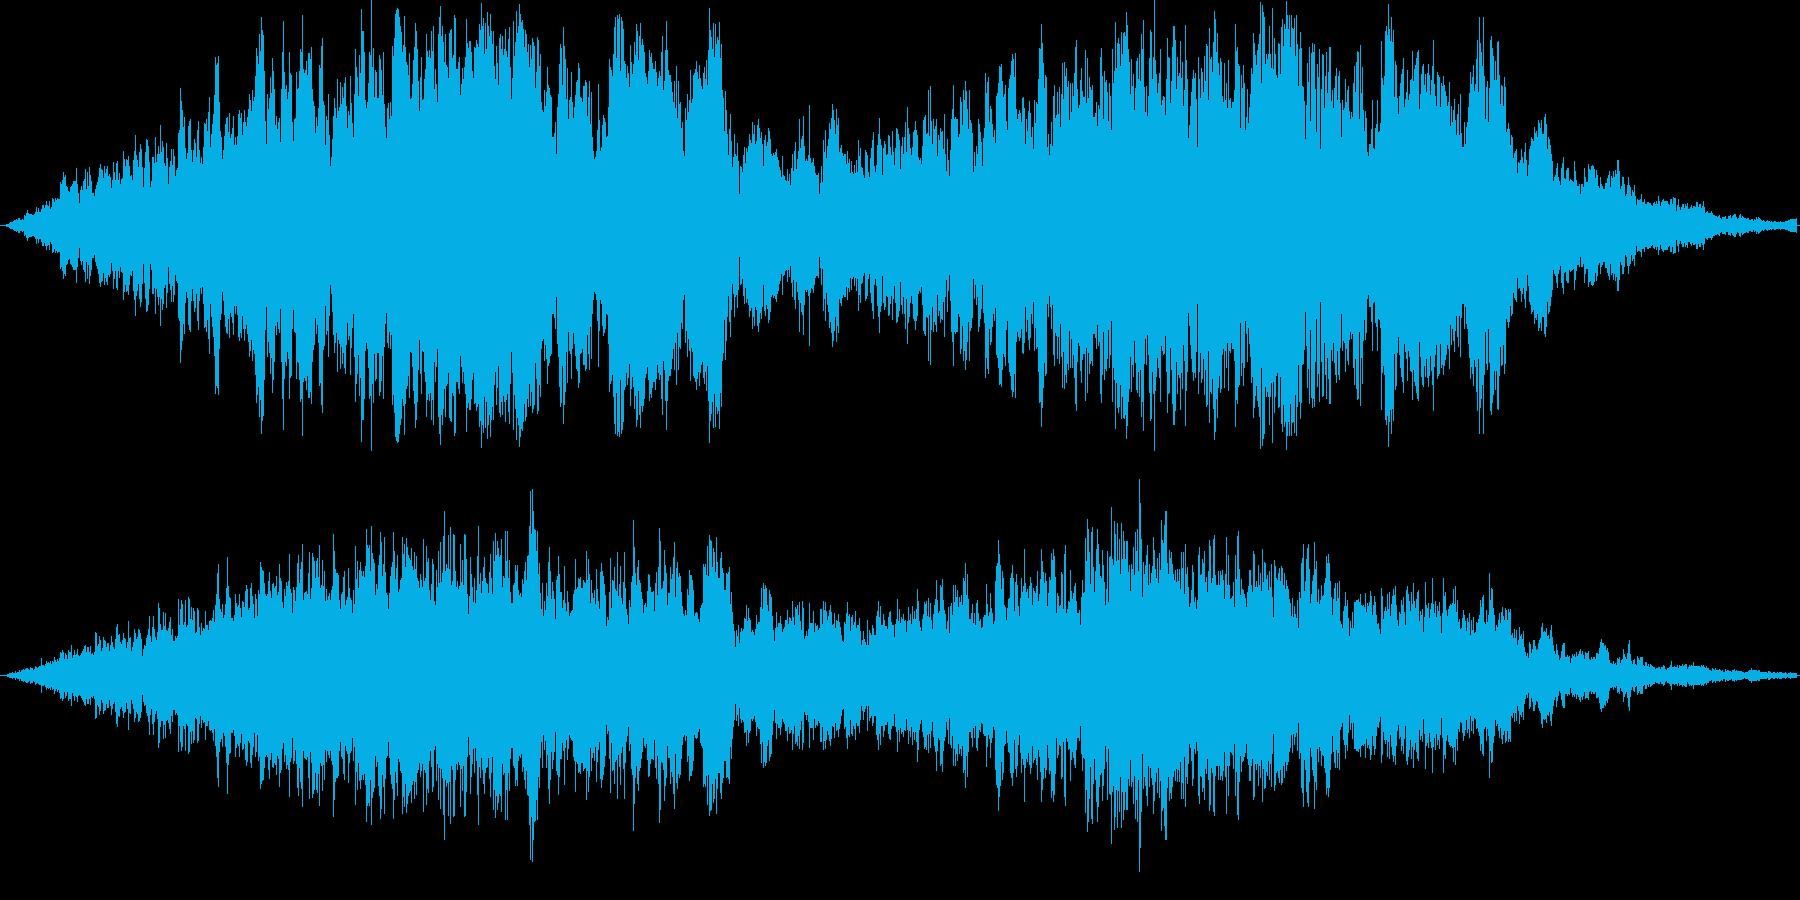 不気味な感じの再生済みの波形